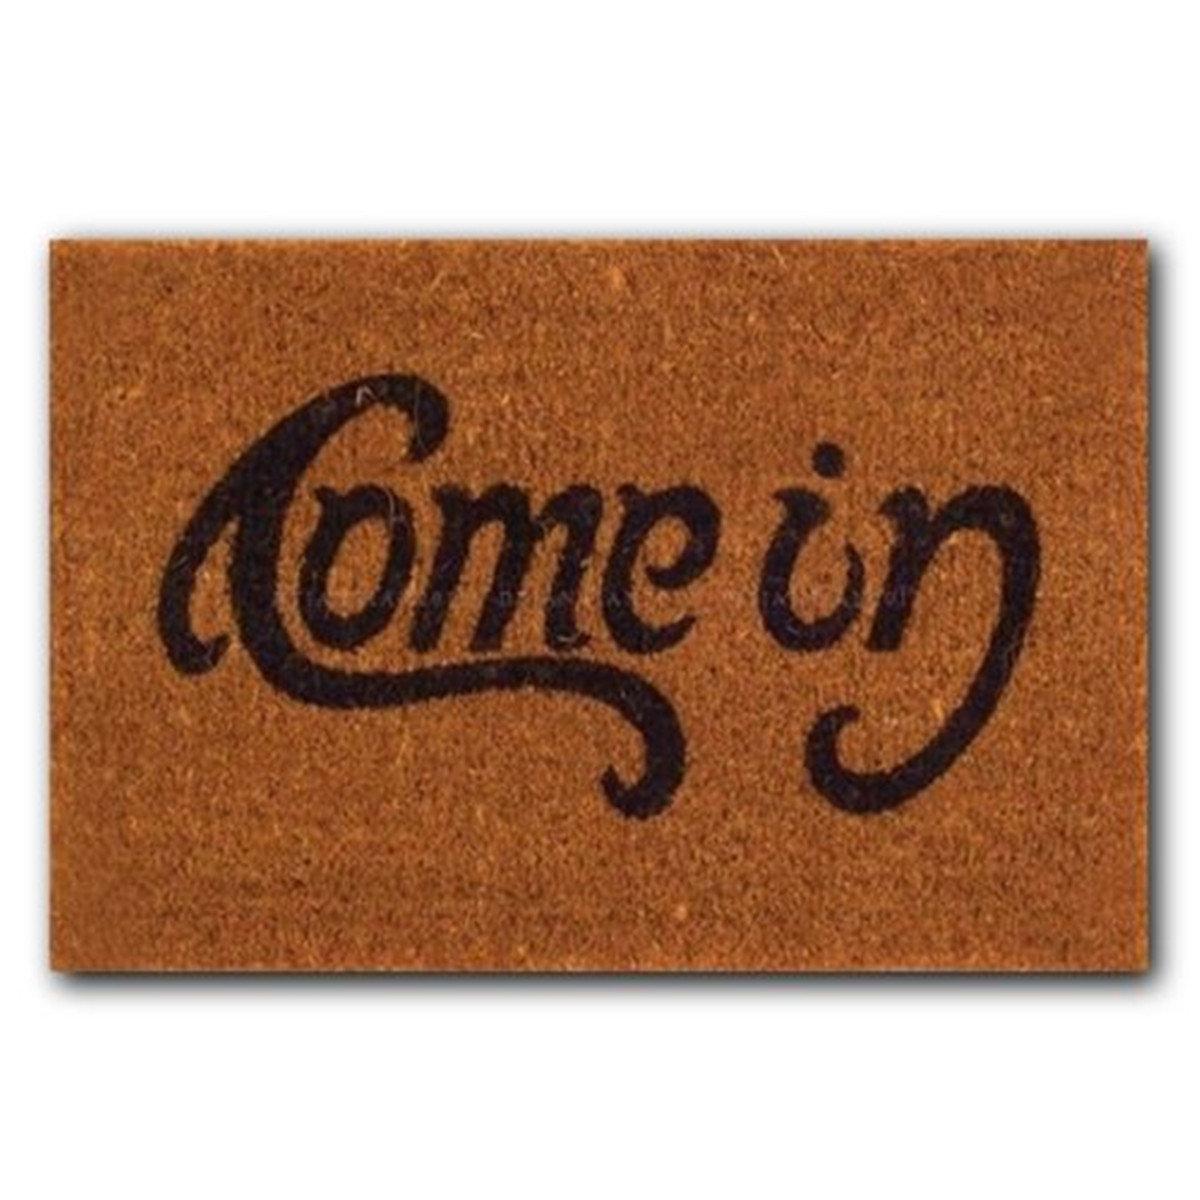 Welcome Come In Rubber Door Mat Floor Pad Non Slip Indoor Outdoor Doormat Rug